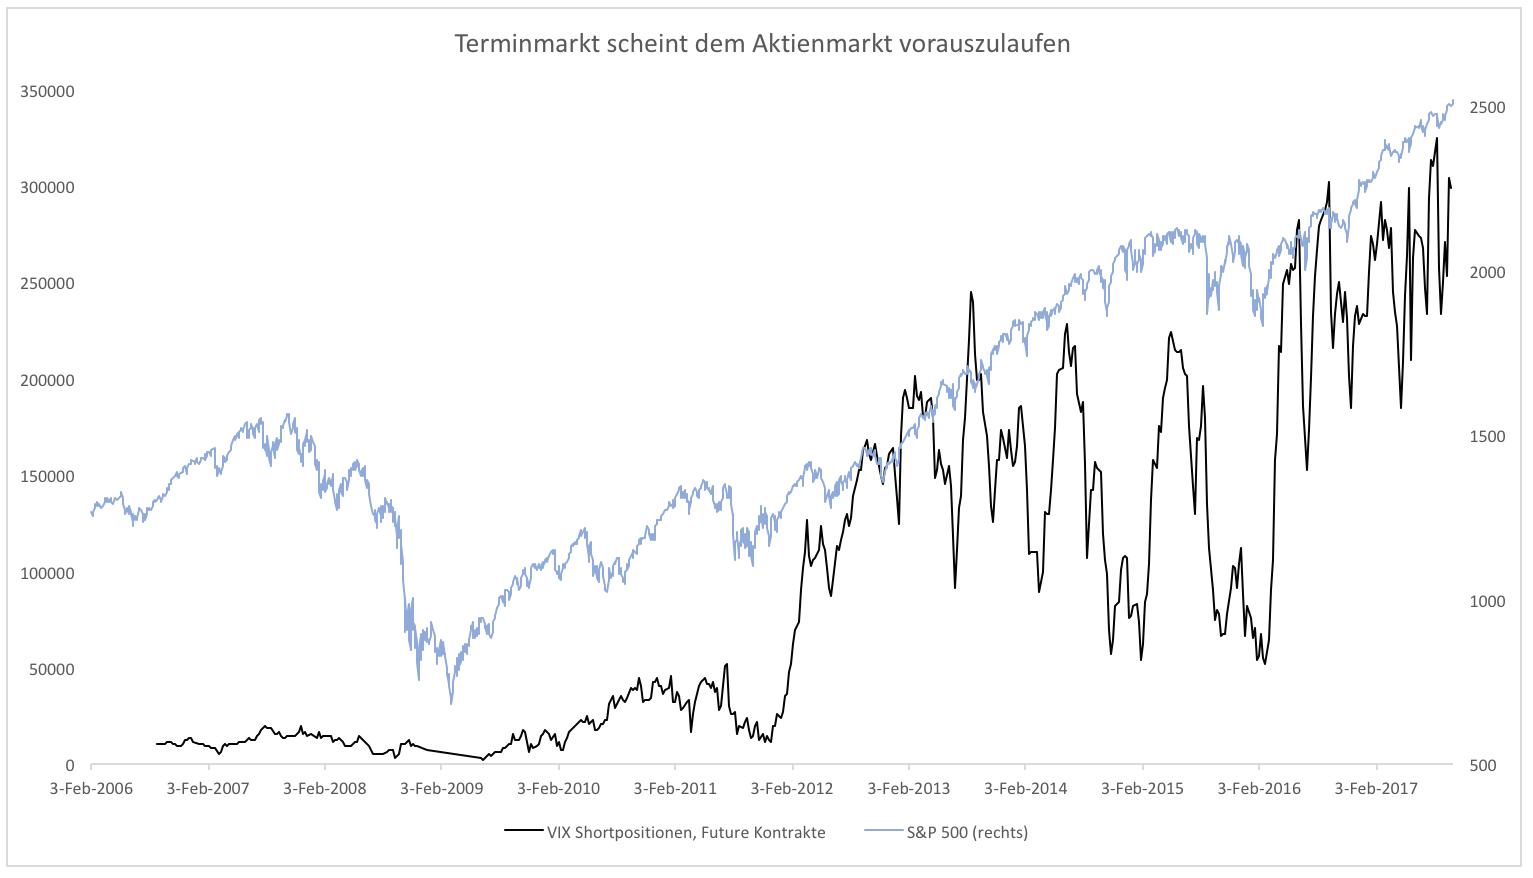 Der-Handel-mit-Volatilität-Eine-tickende-Zeitbombe-Kommentar-Clemens-Schmale-GodmodeTrader.de-1